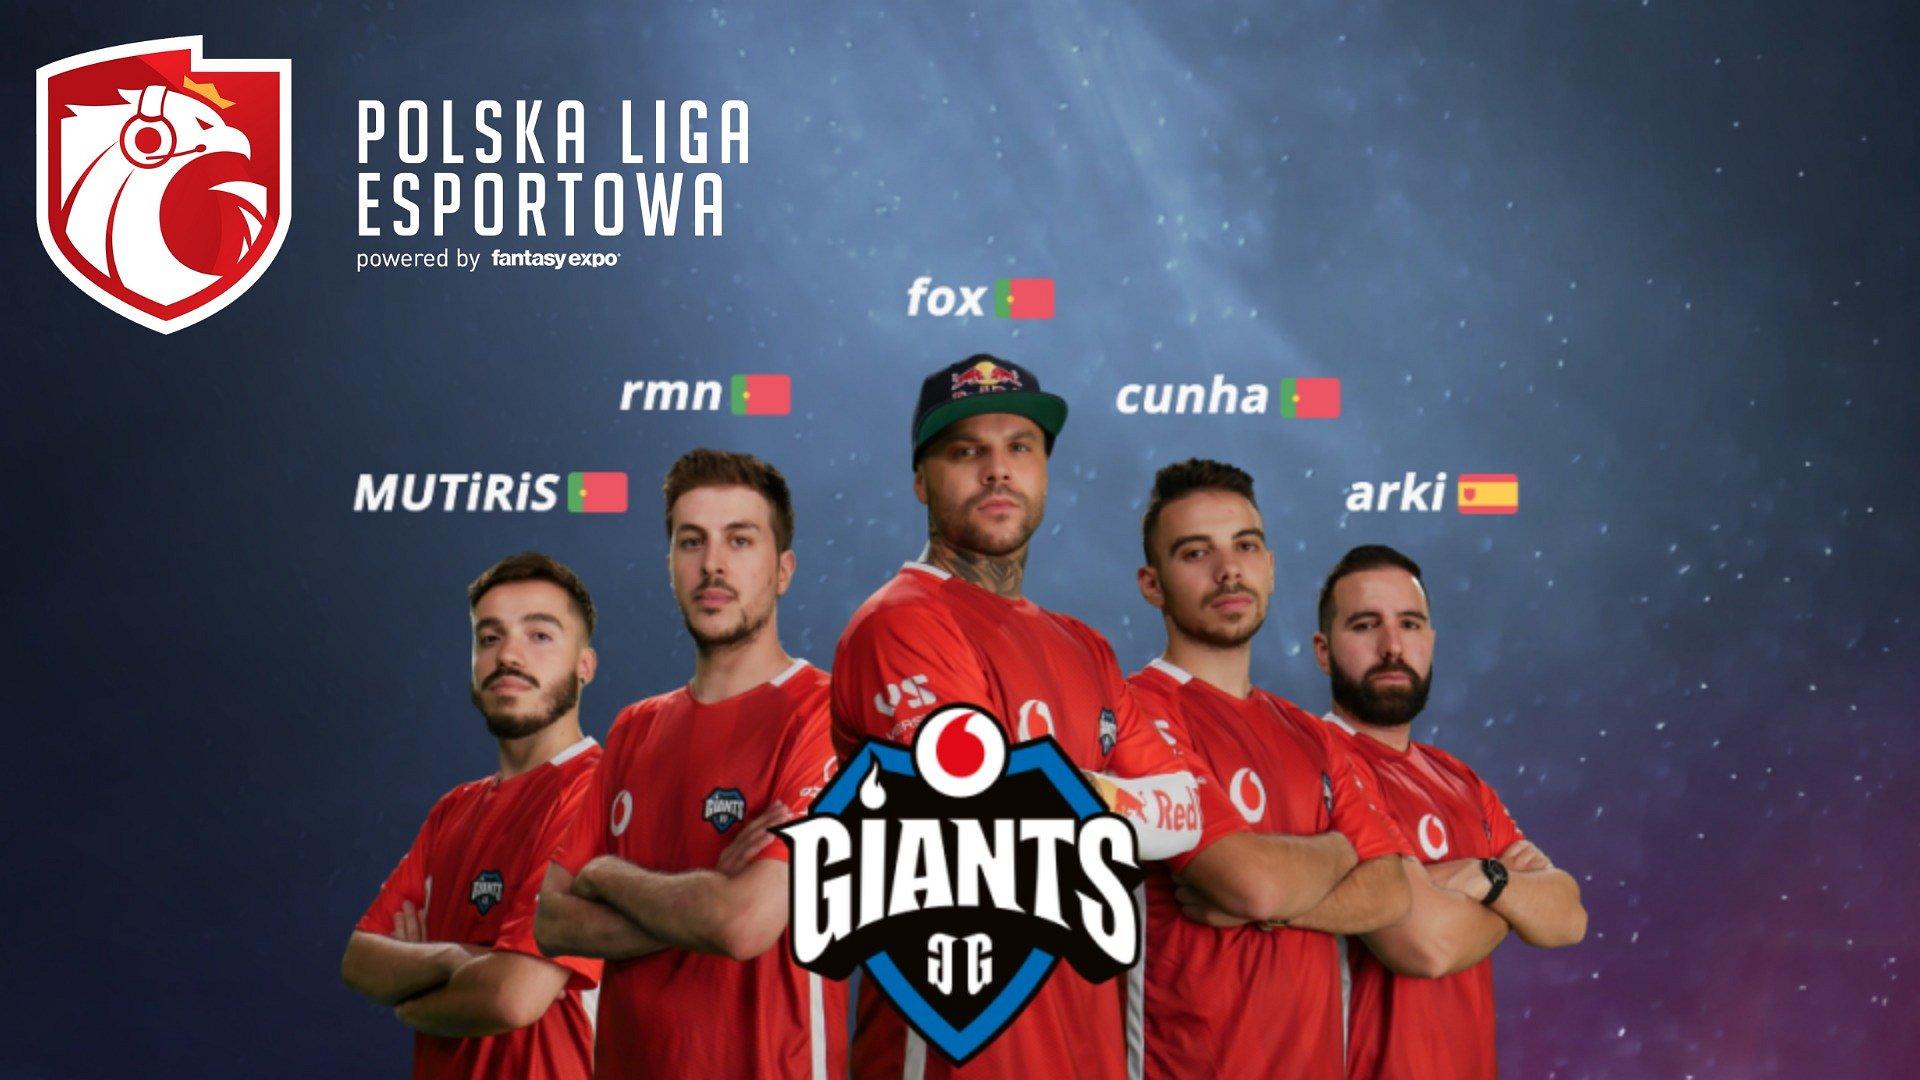 Giants zaproszone na finały Polskiej Ligi Esportowej